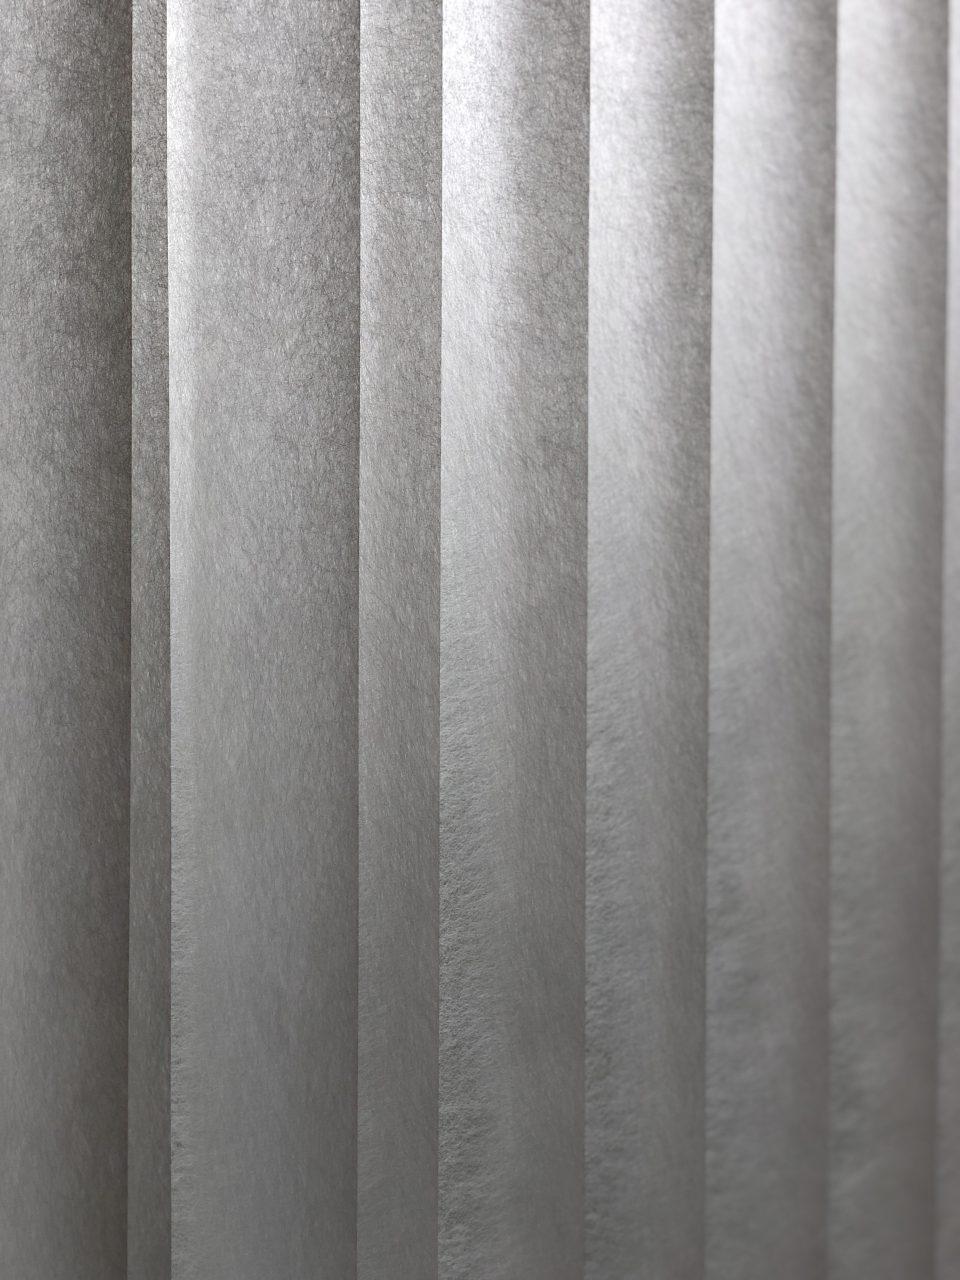 タチカワブラインドの半透明の縦型ブラインドです